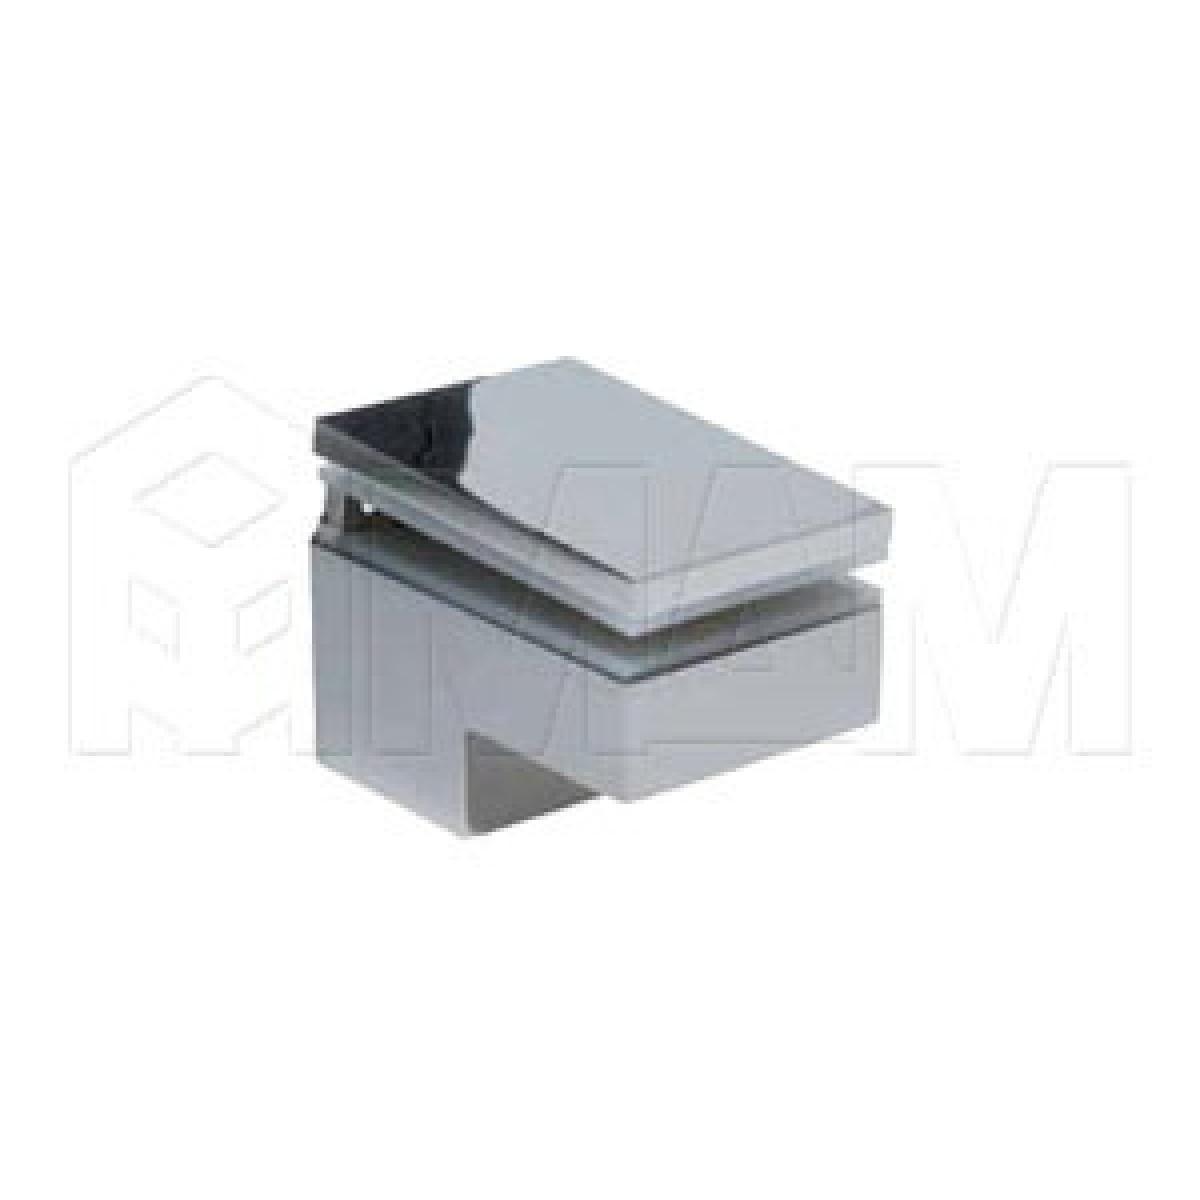 Менсолодержатель 40Х60 мм для деревянных и стеклянных полок 6 -25 мм, хром (2 шт.)